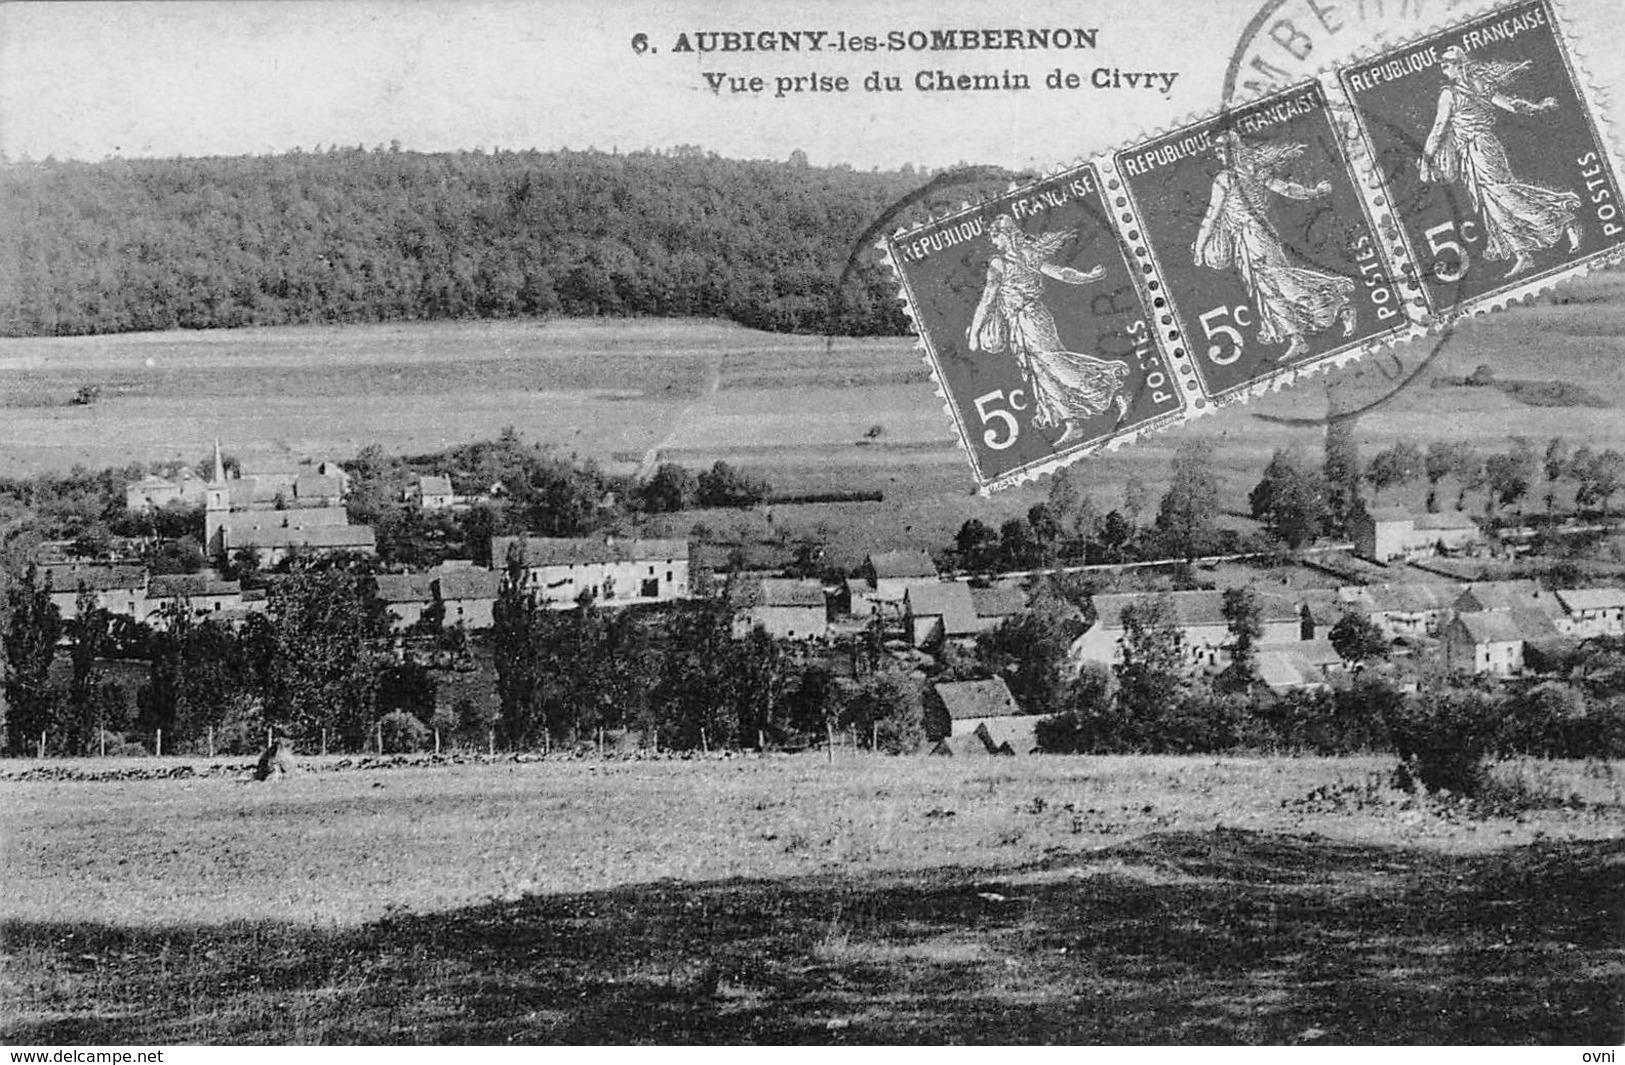 21 - CPA  AUBIGNY LES SOMBERNON Vue Prise Du Chateau De Civry - Frankreich